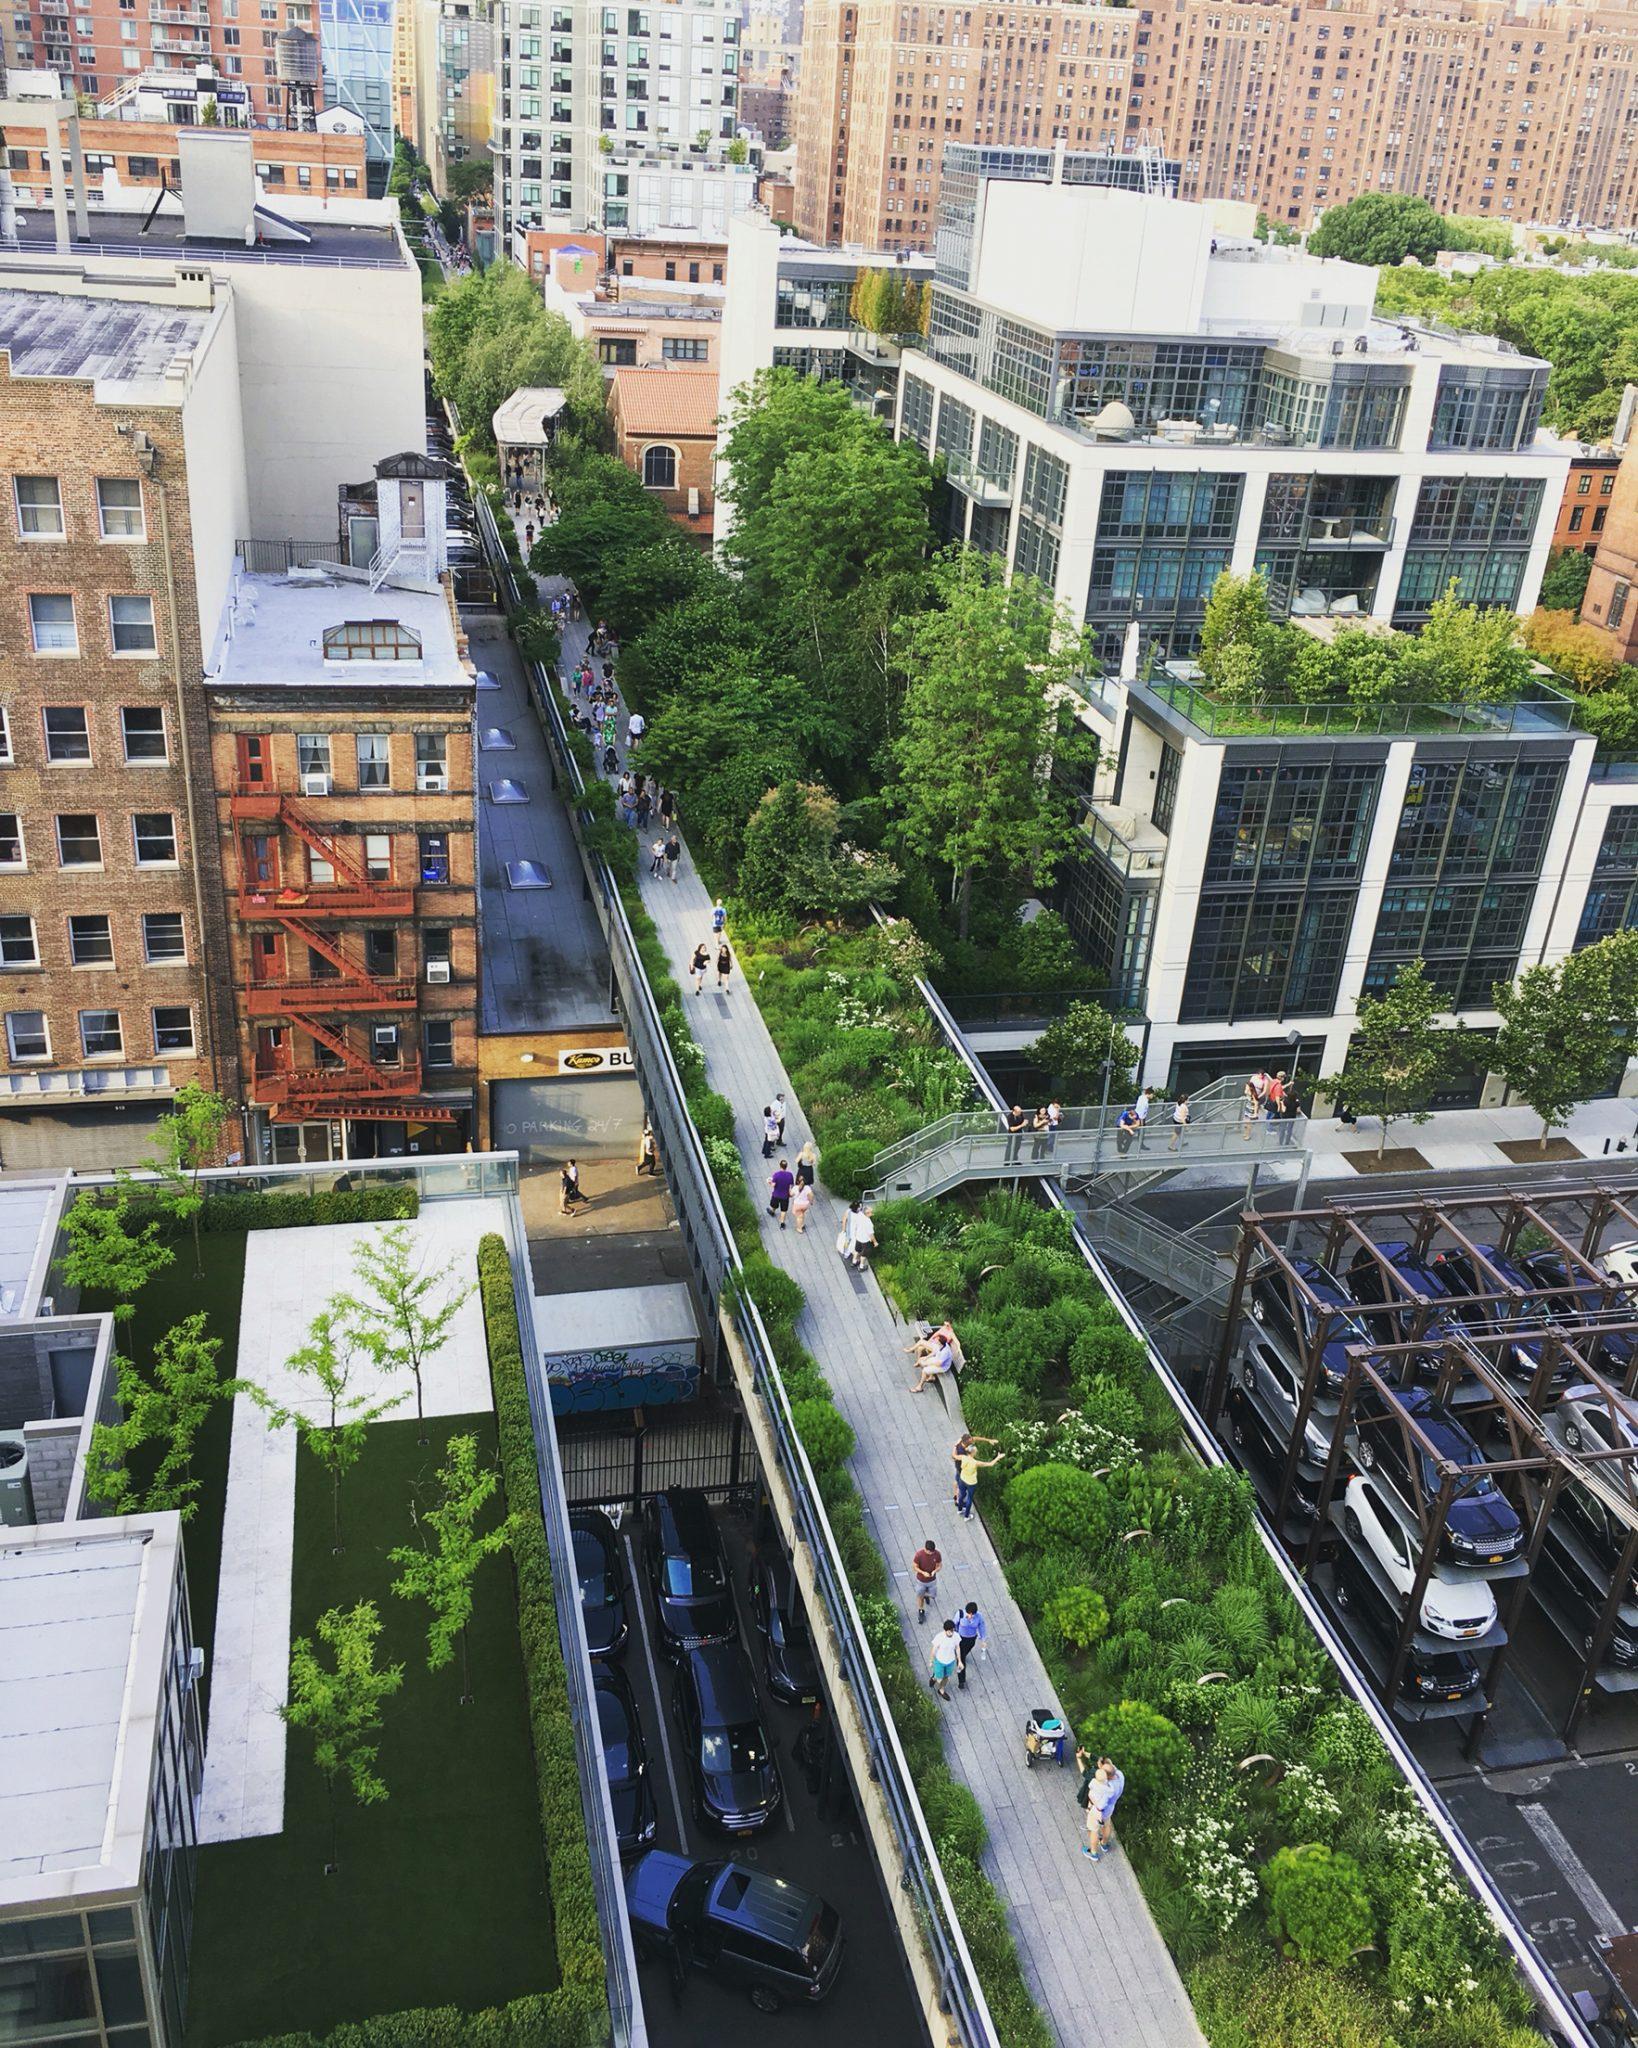 Tuyến đi bộ trên cao - Newyork - Hoa Kỳ (Cơn khát cảnh quan tại Việt Nam)